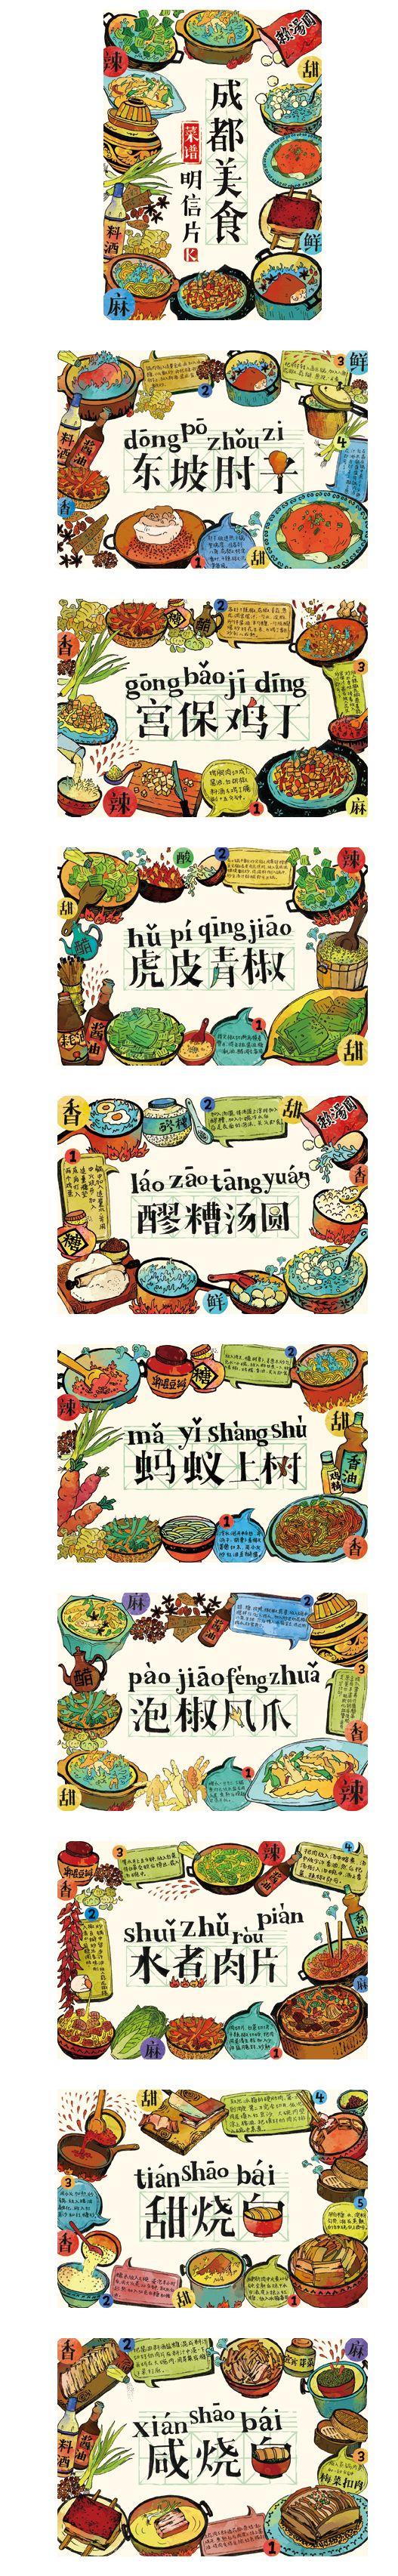 成都美食菜谱明信片(预售)|其他绘画|插...@De-C采集到海报\易拉宝\宣传设计(454图)_花瓣平面